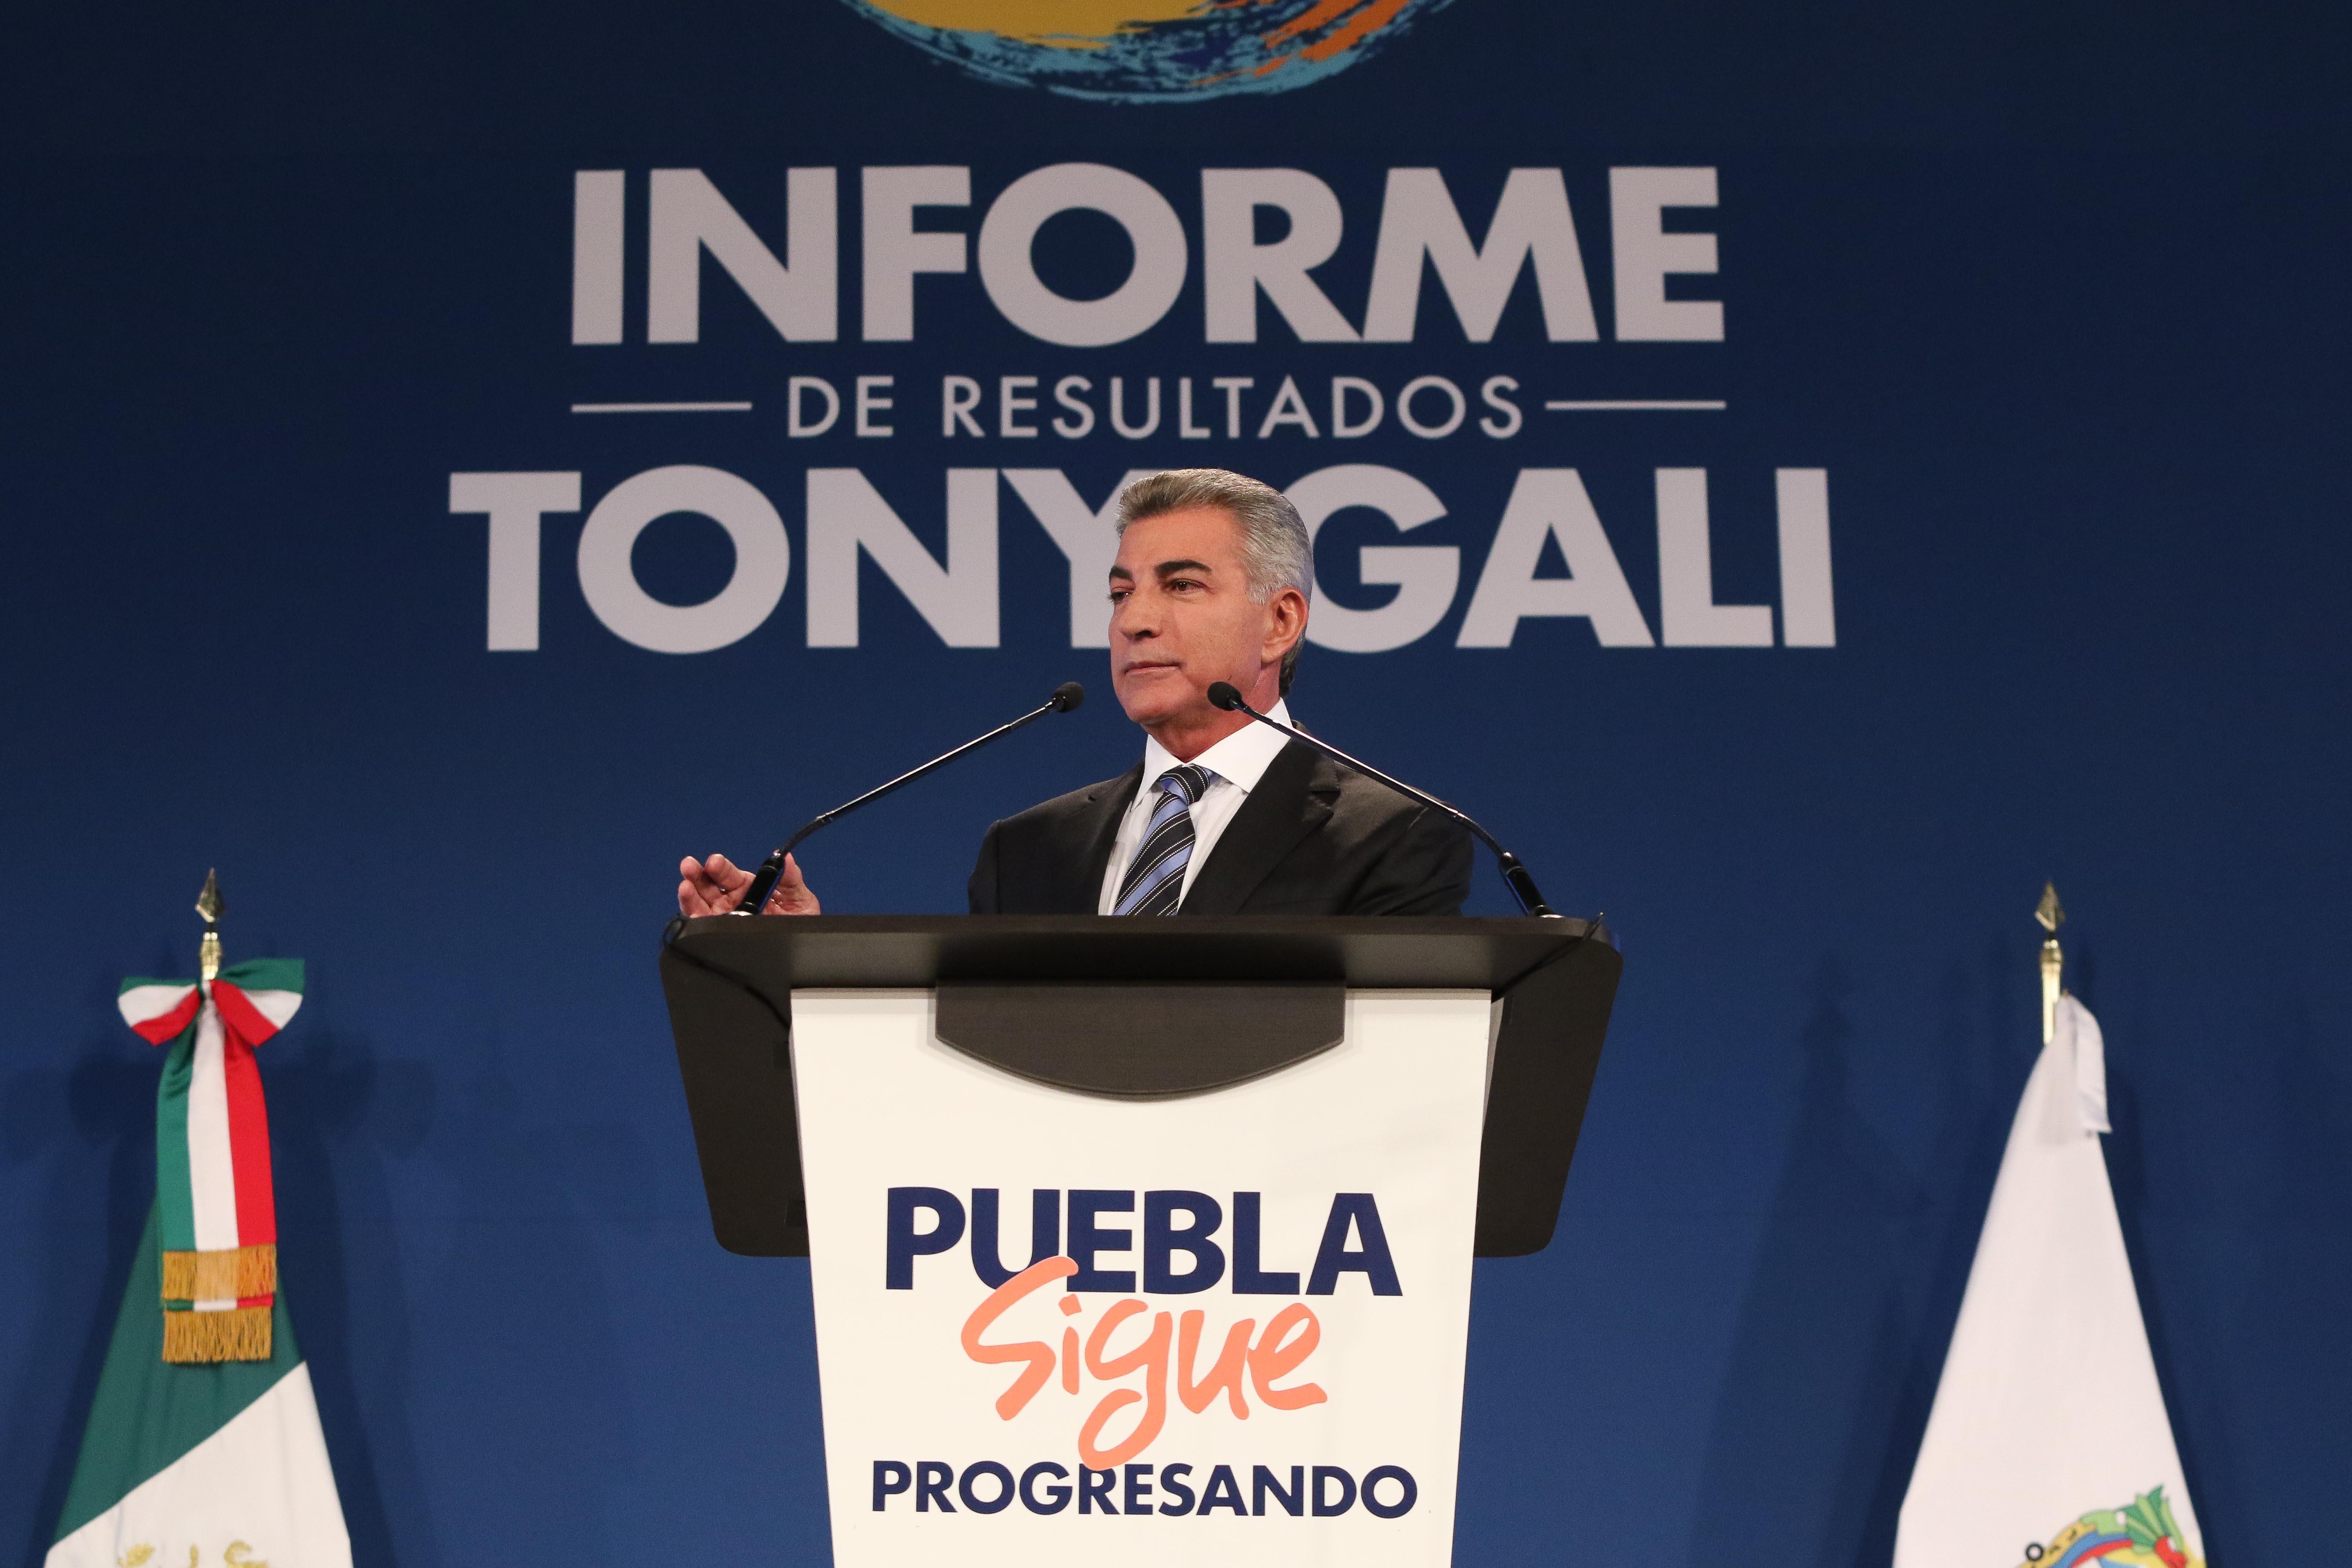 Ante el próximo proceso electoral Gali pide fortalecer la democracia